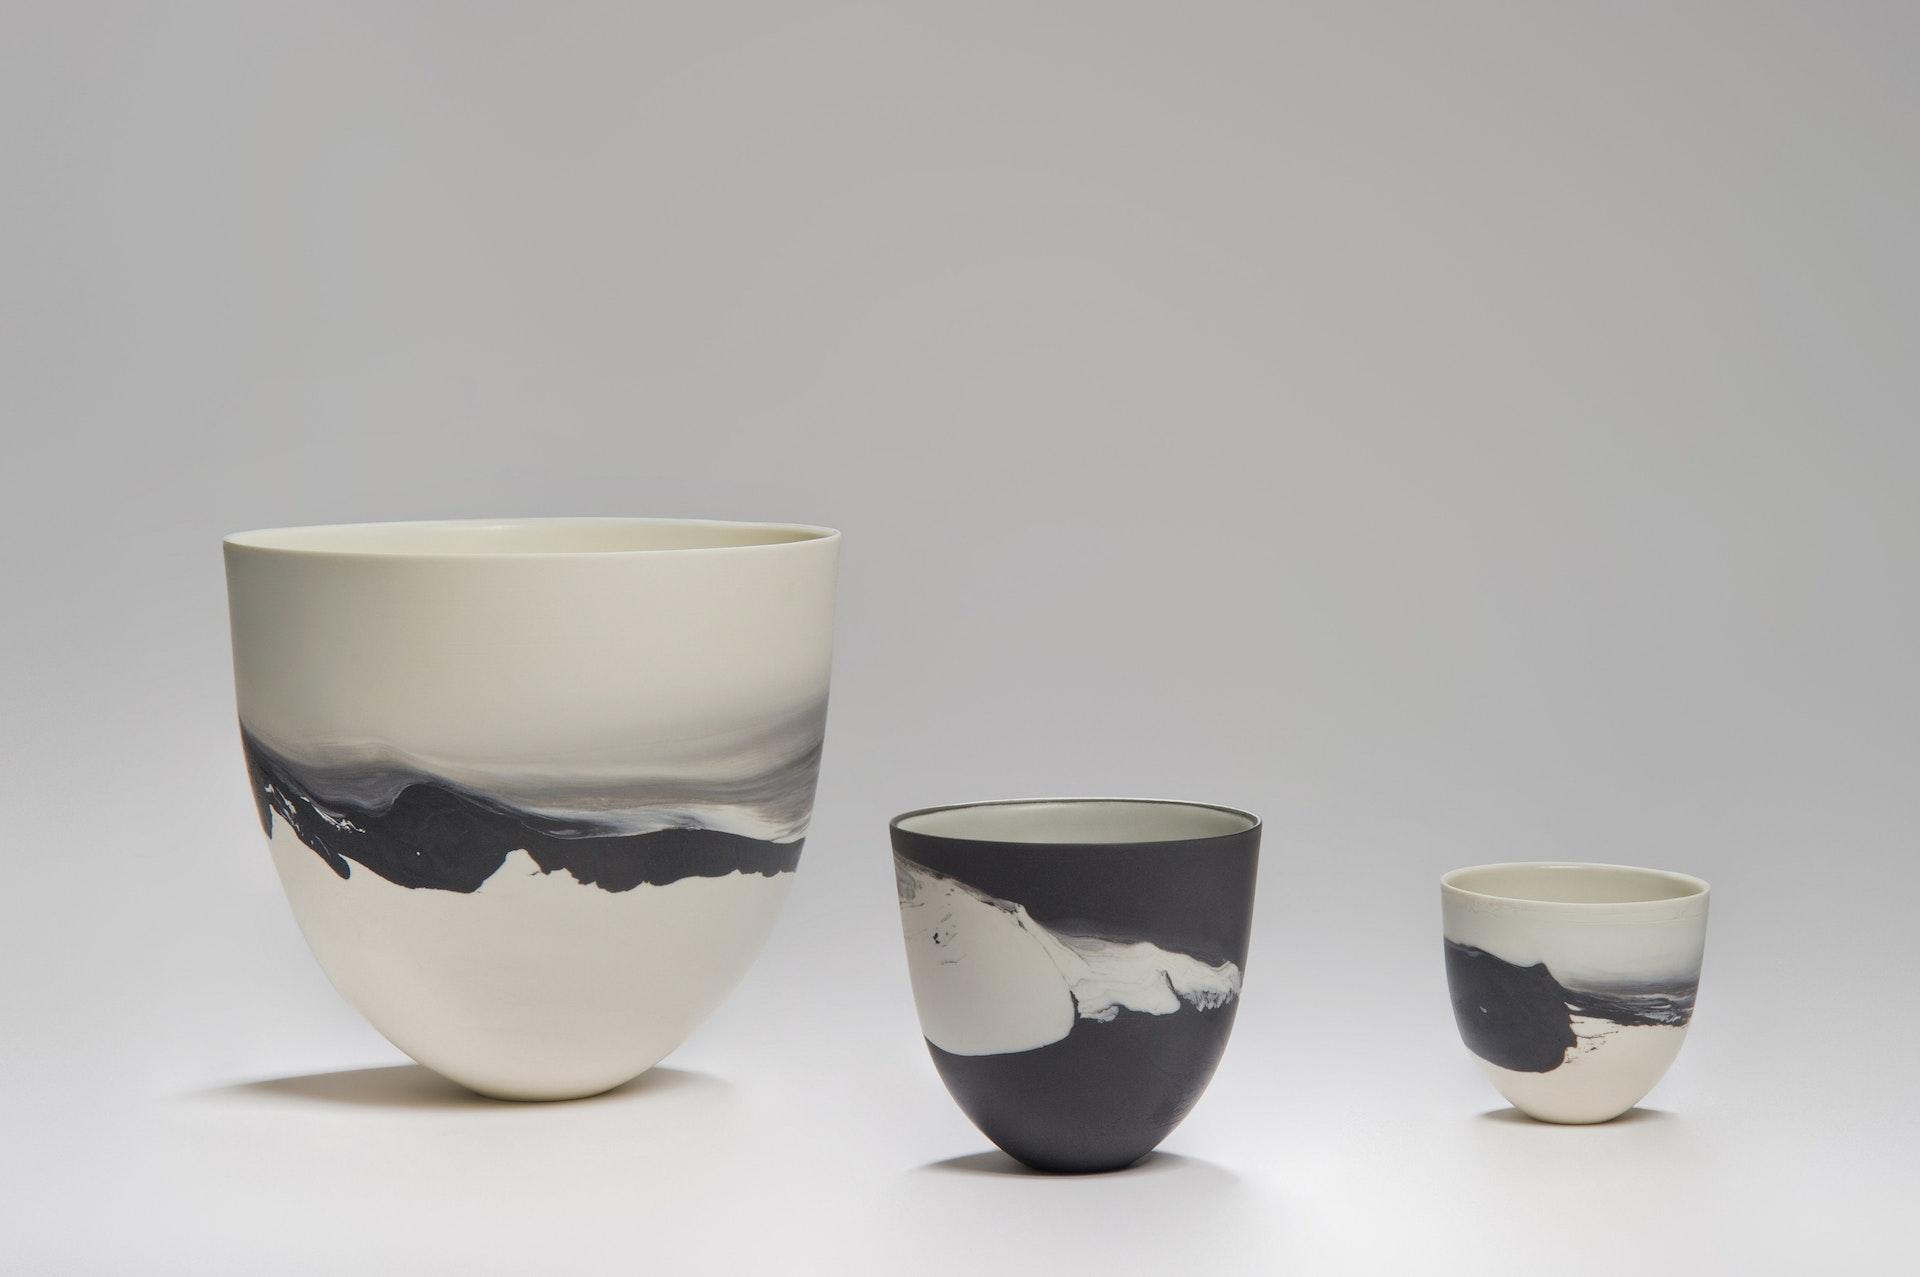 PorcelainTides_2